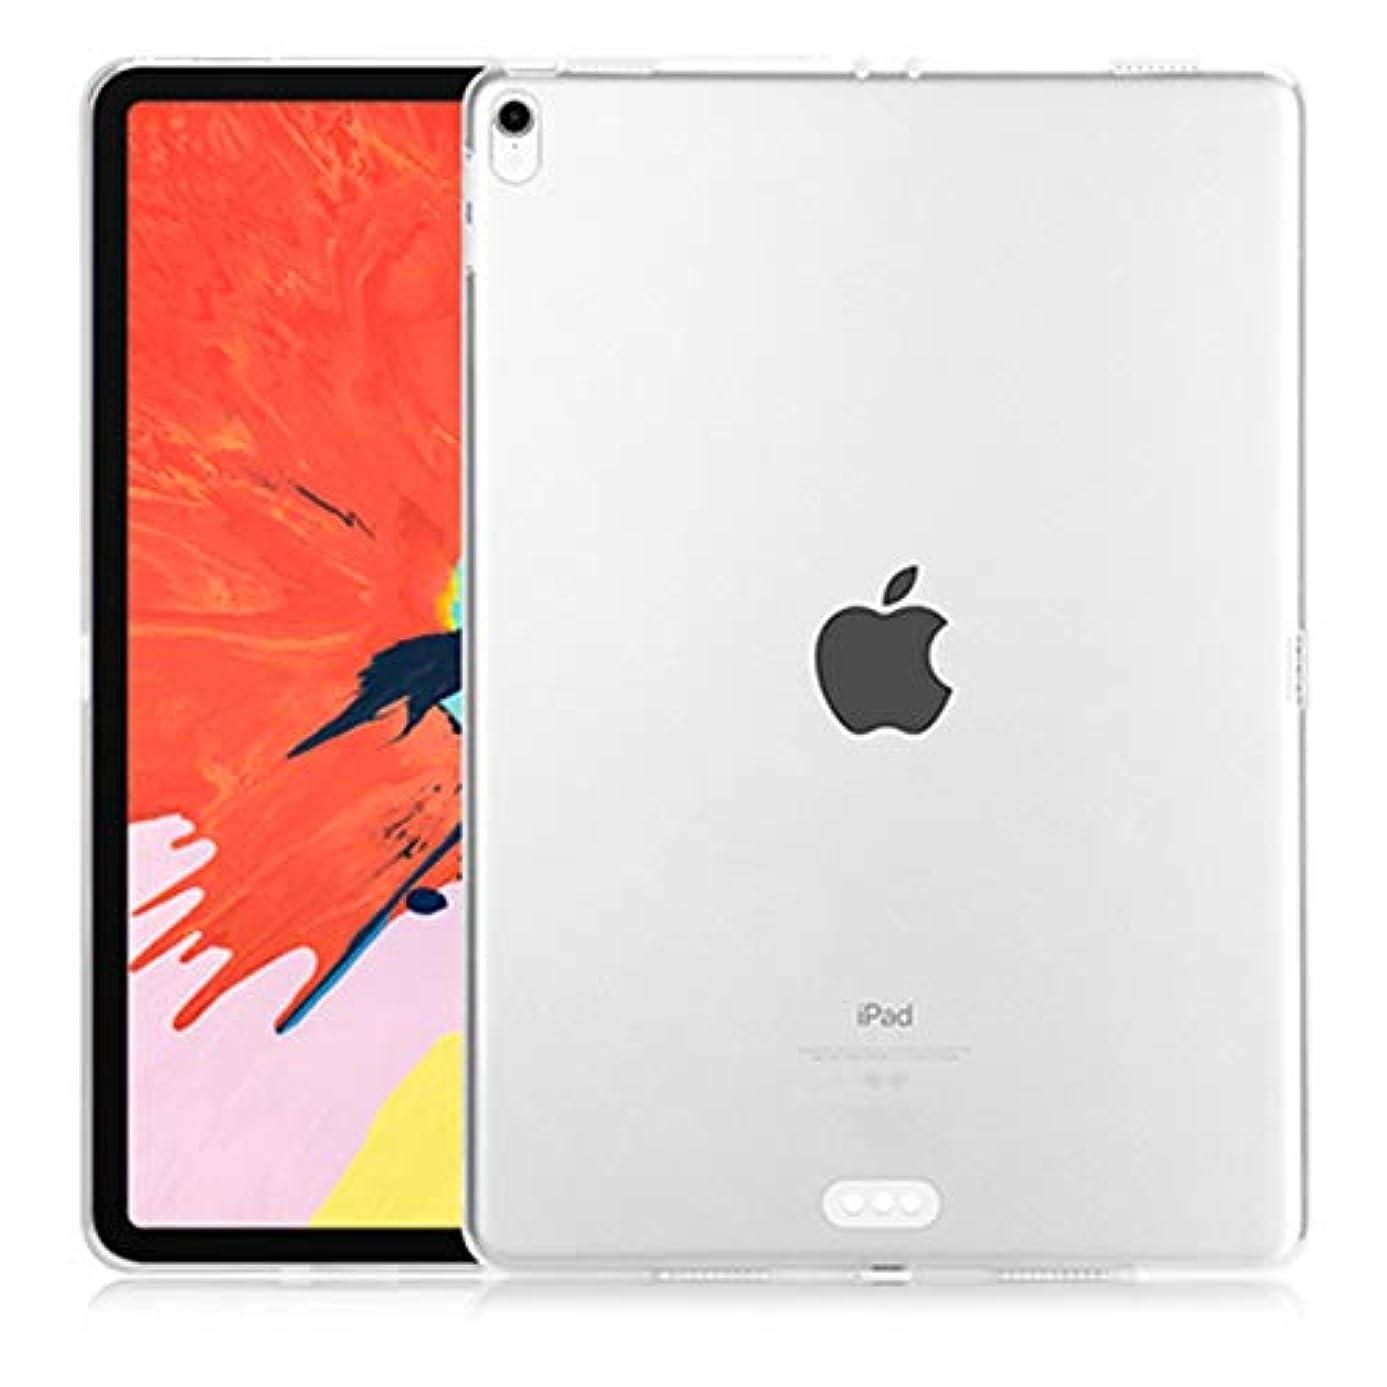 ポゴスティックジャンプアレンジ十億Littleliving iPad Pro 11 2018 ケース ソフト クリア 耐衝撃 薄型 軽量 透明 2018年モデル iPad Pro 11 インチ 2018 カバー TPU ケース